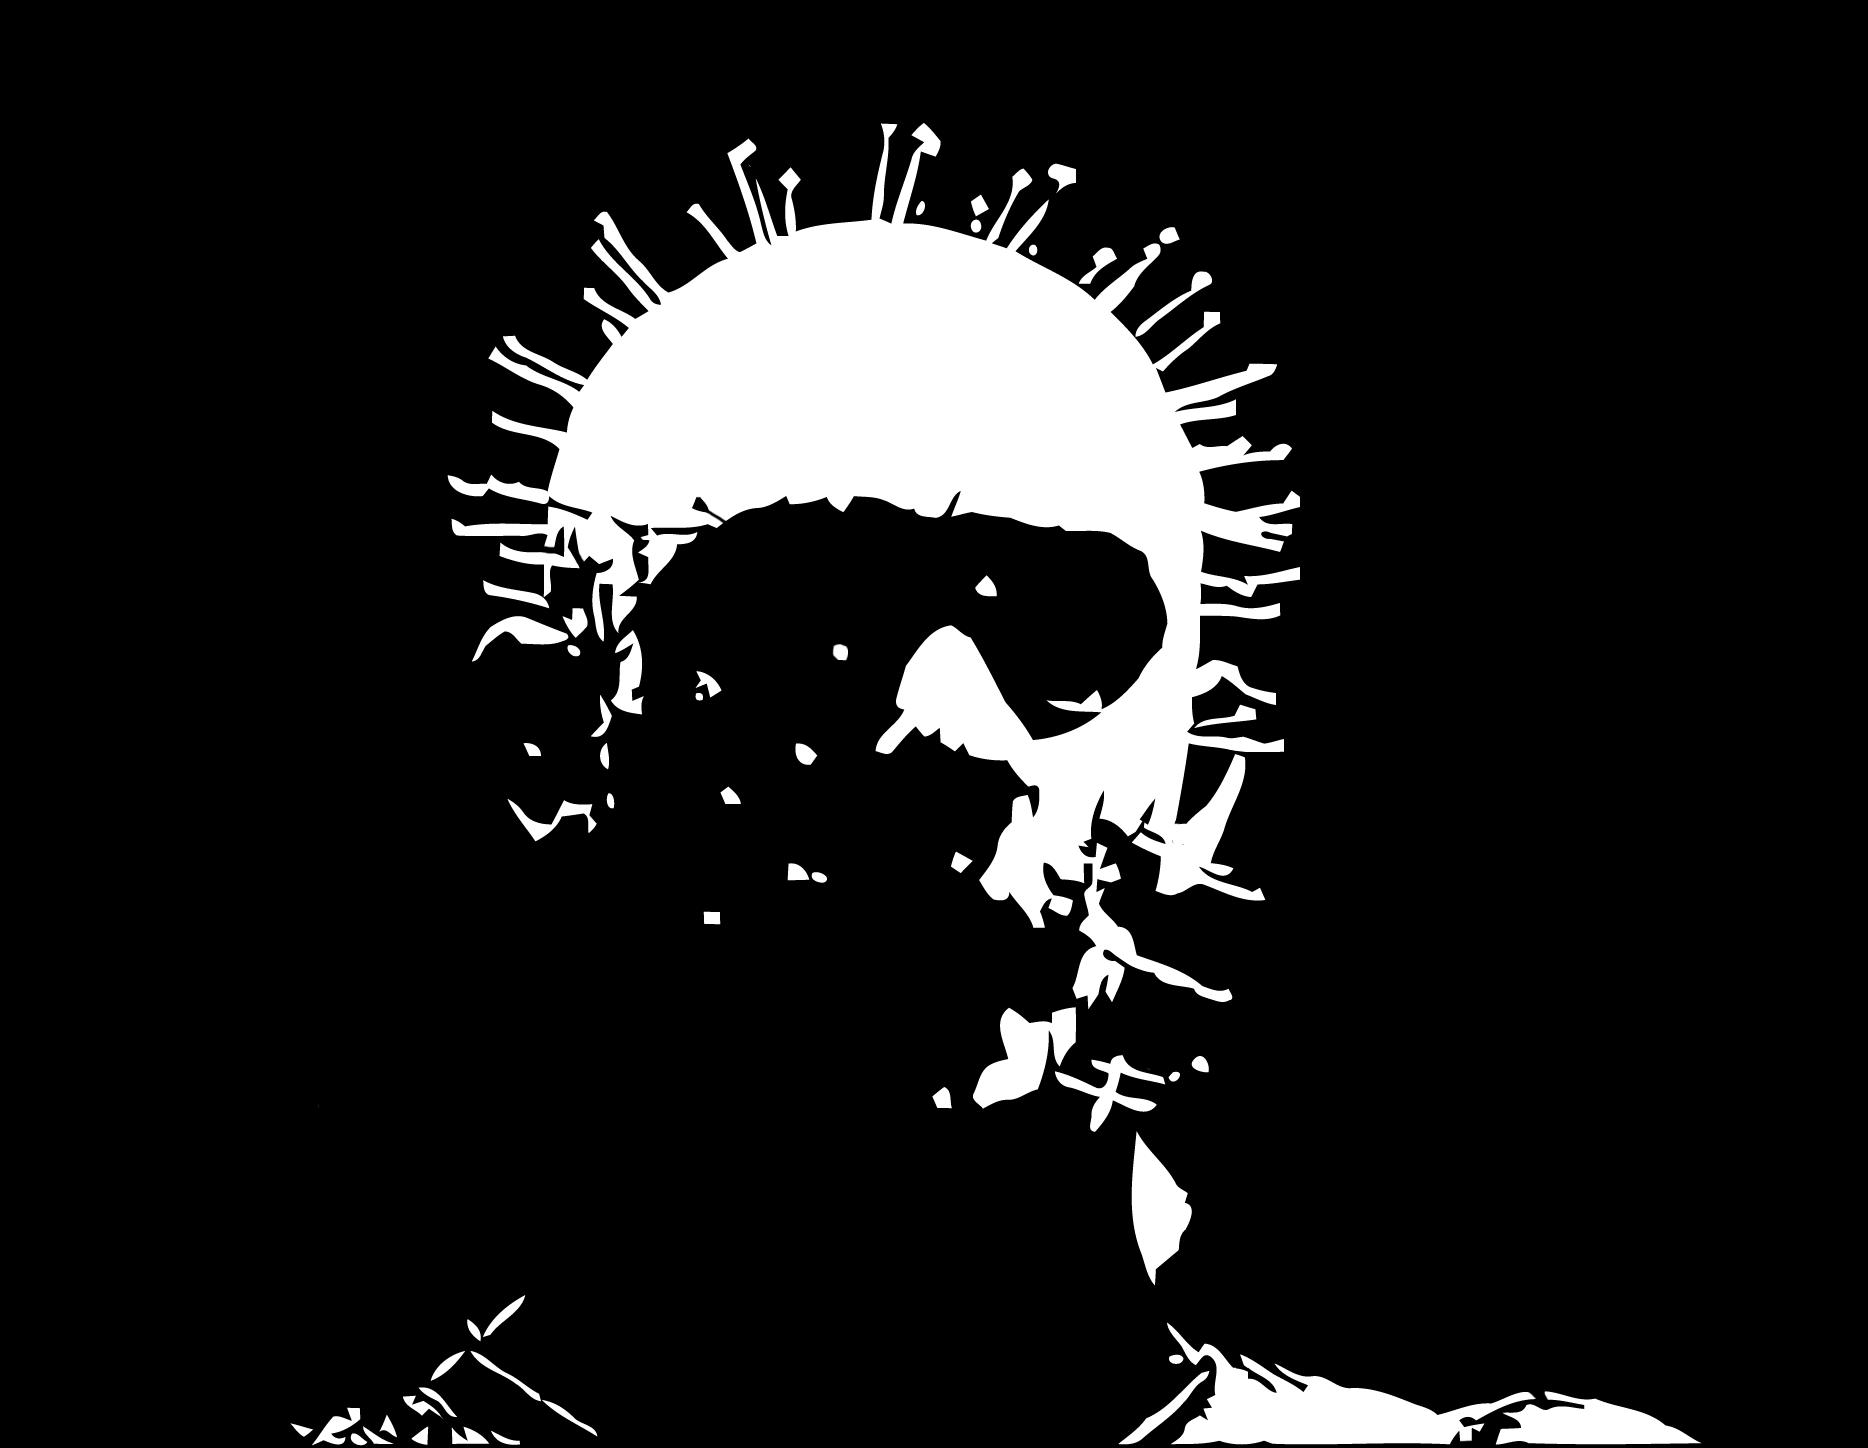 Chucky Clipart Black And White: Pinhead Hellraiser Stencil Template